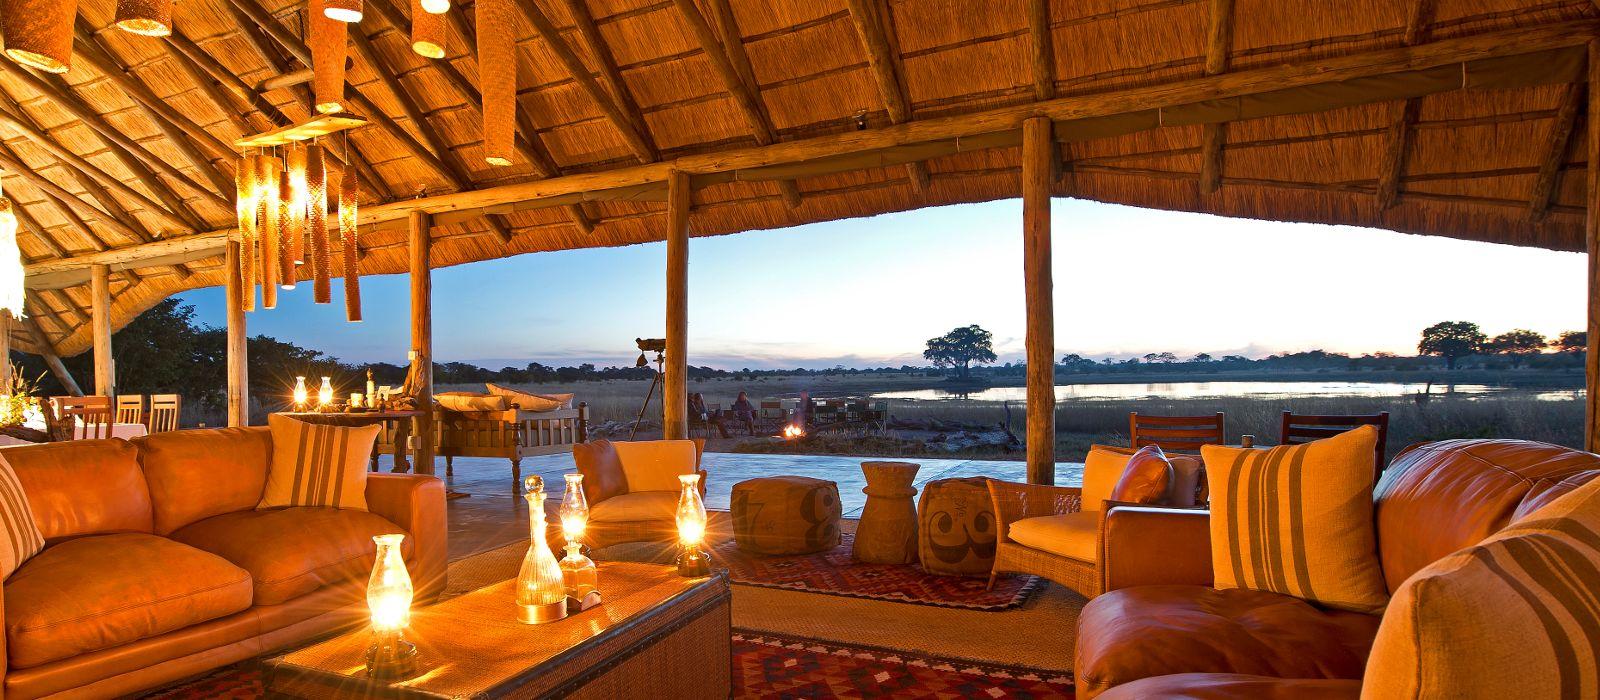 Hotel Camp Hwange Zimbabwe